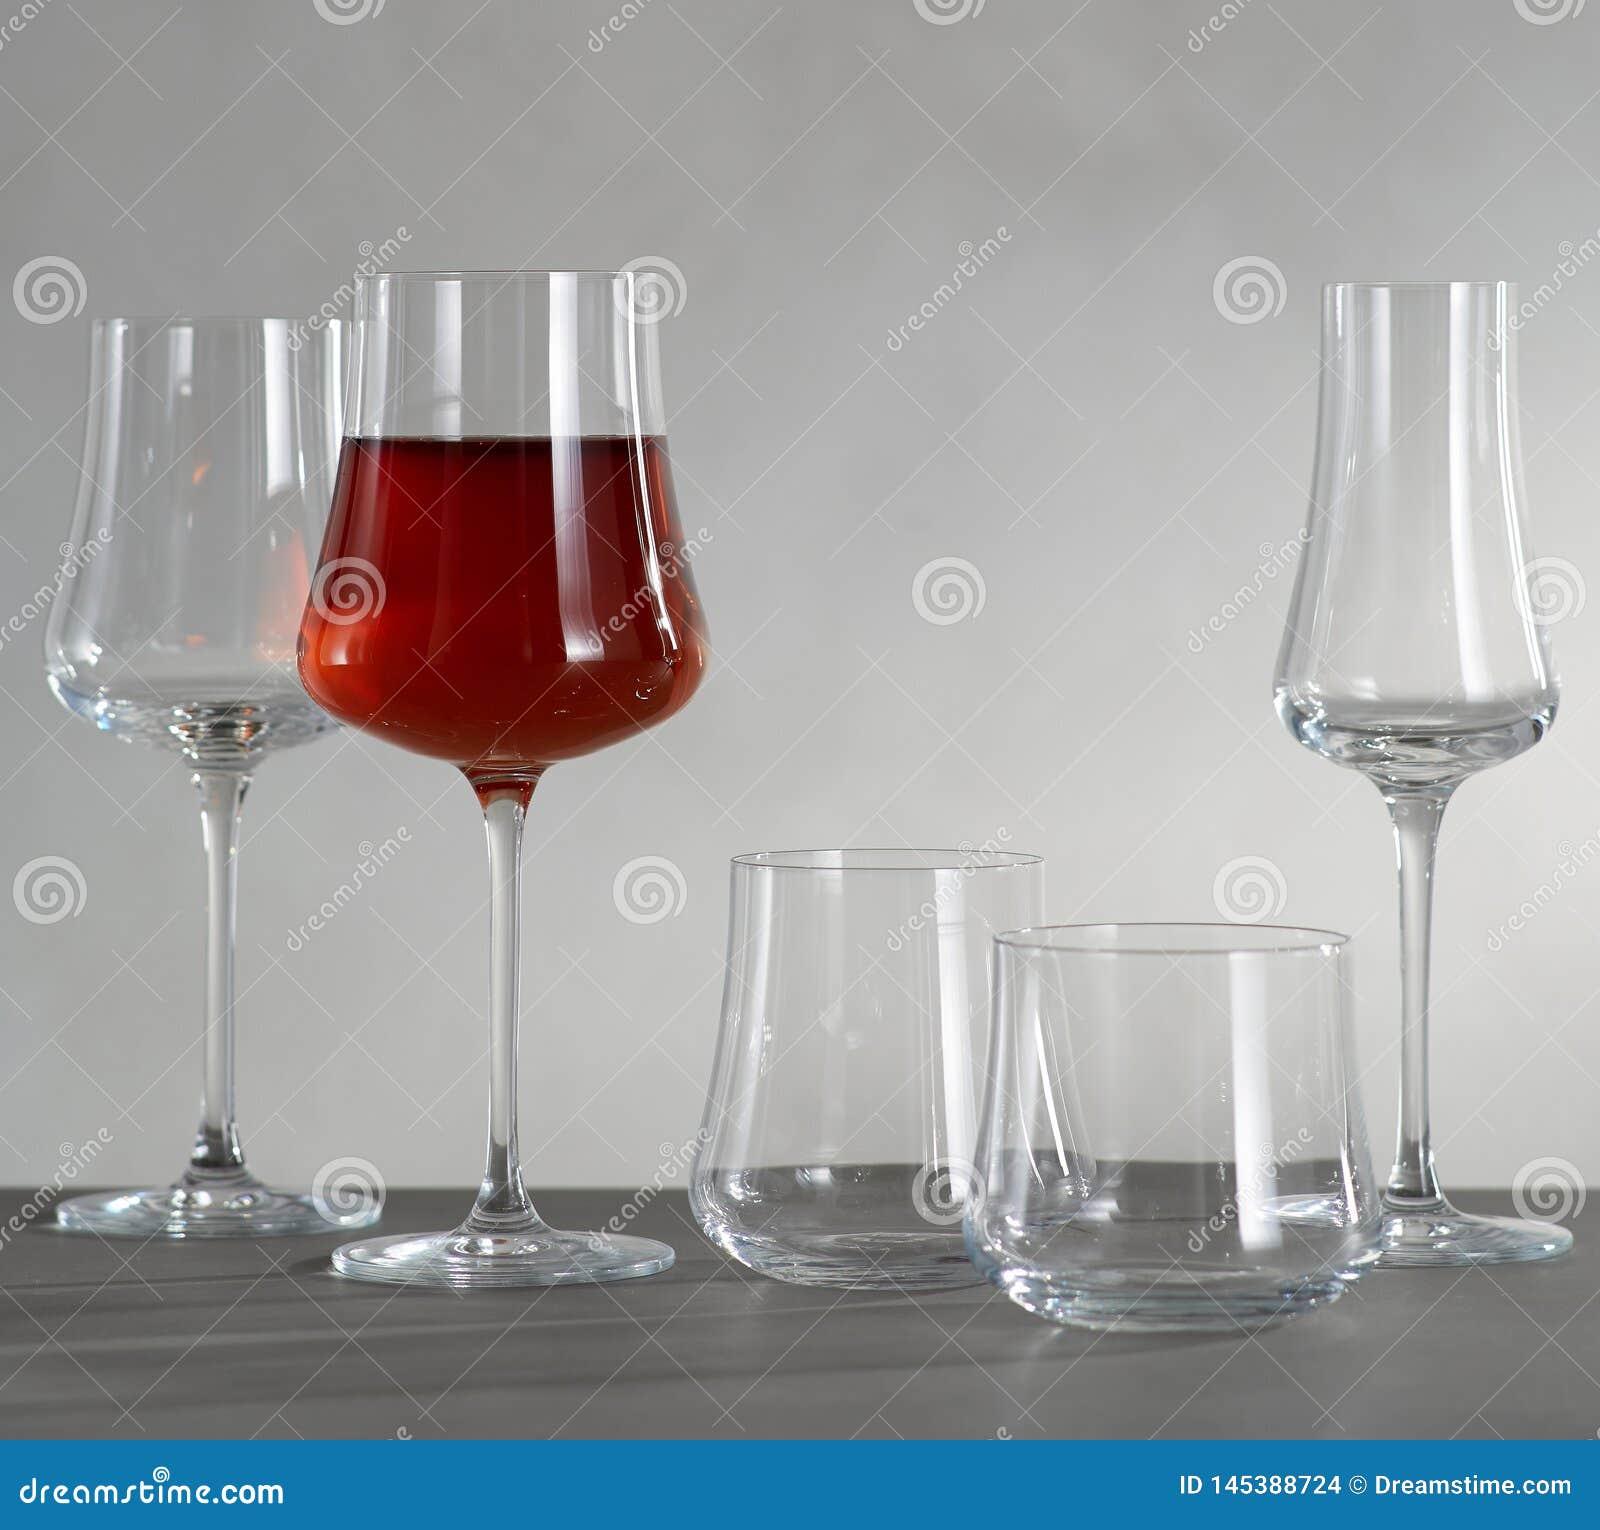 Un vidrio de vino tinto y de cuatro copas de vino vacías